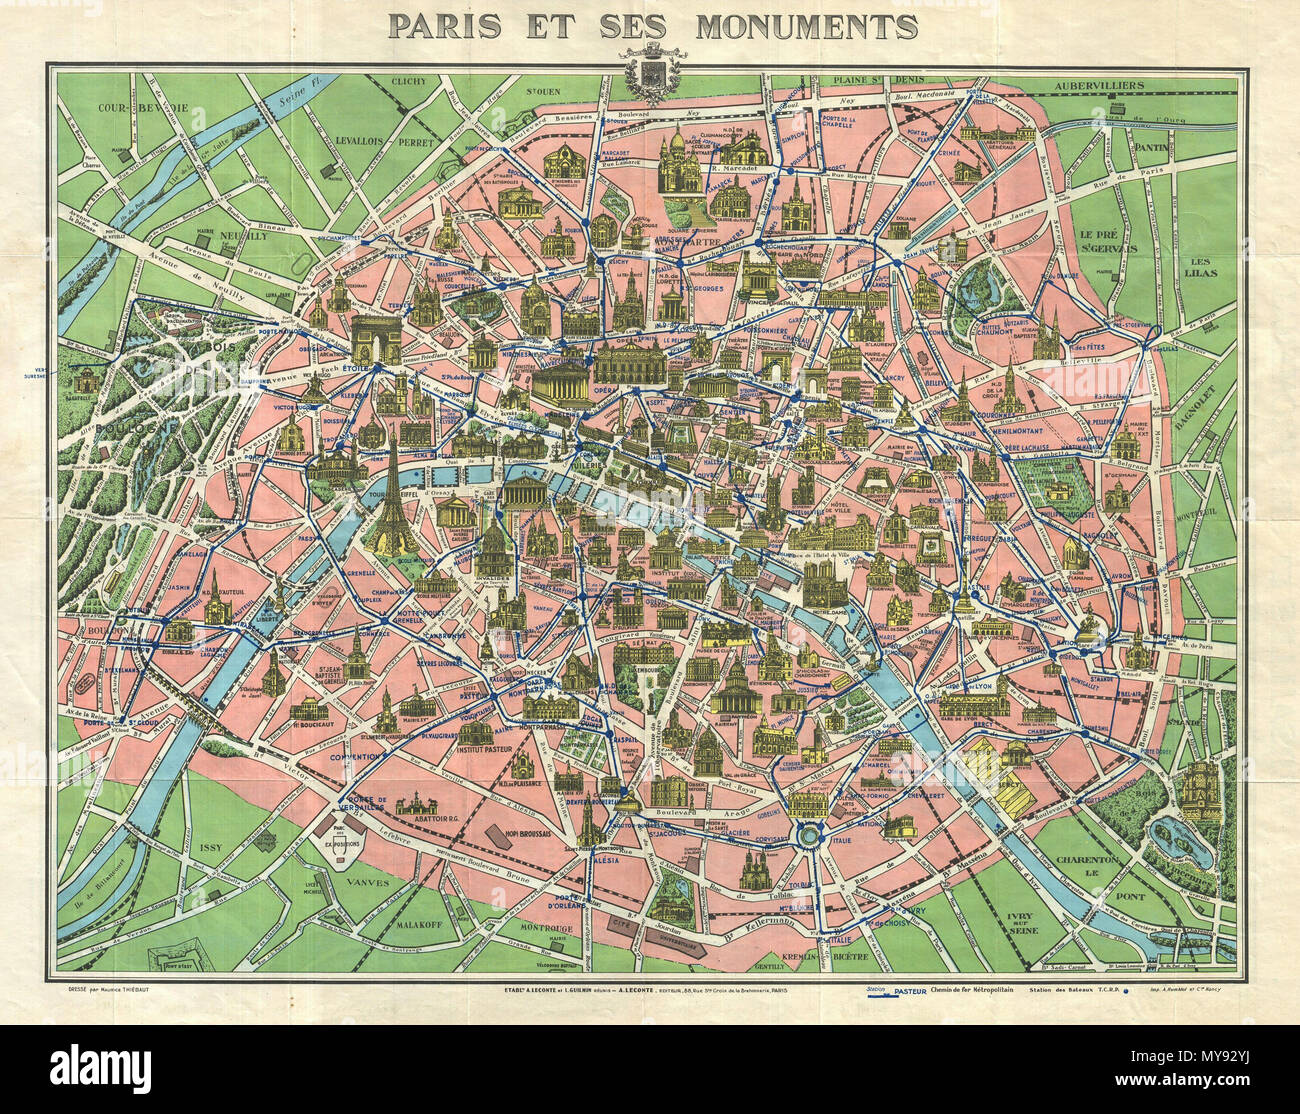 Paris Metro Map With Monuments.Paris Et Ses Monuments Versailles Et Ses Promenades English This